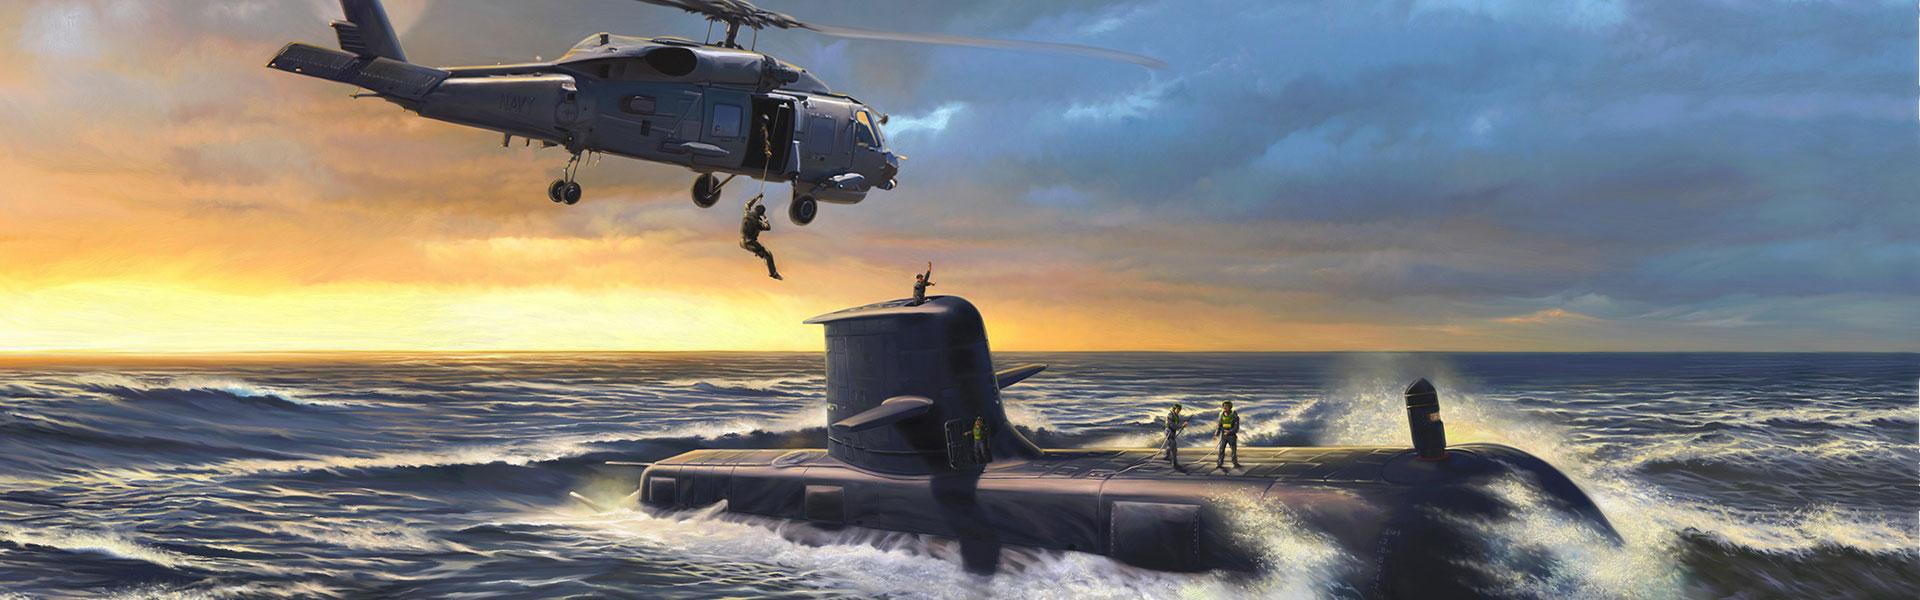 HMAS-Waller-Collins-Class-slider